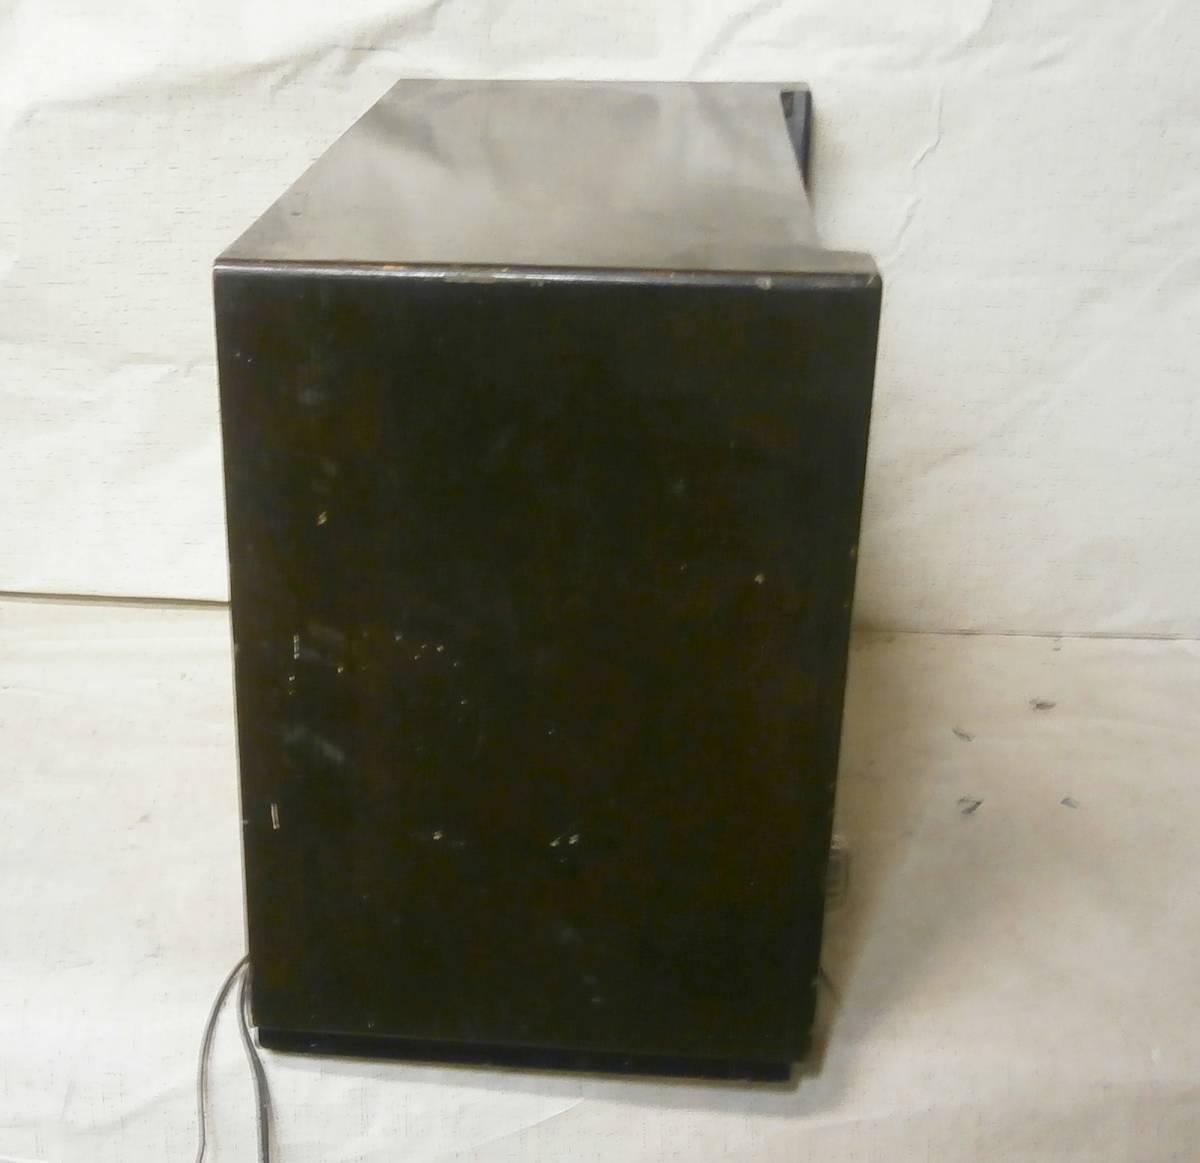 ハーモニー (薄井木工製作所) SW/MW 真空管ラジオ 6球 マジックアイ付 3連バリコン ジャンク_画像5